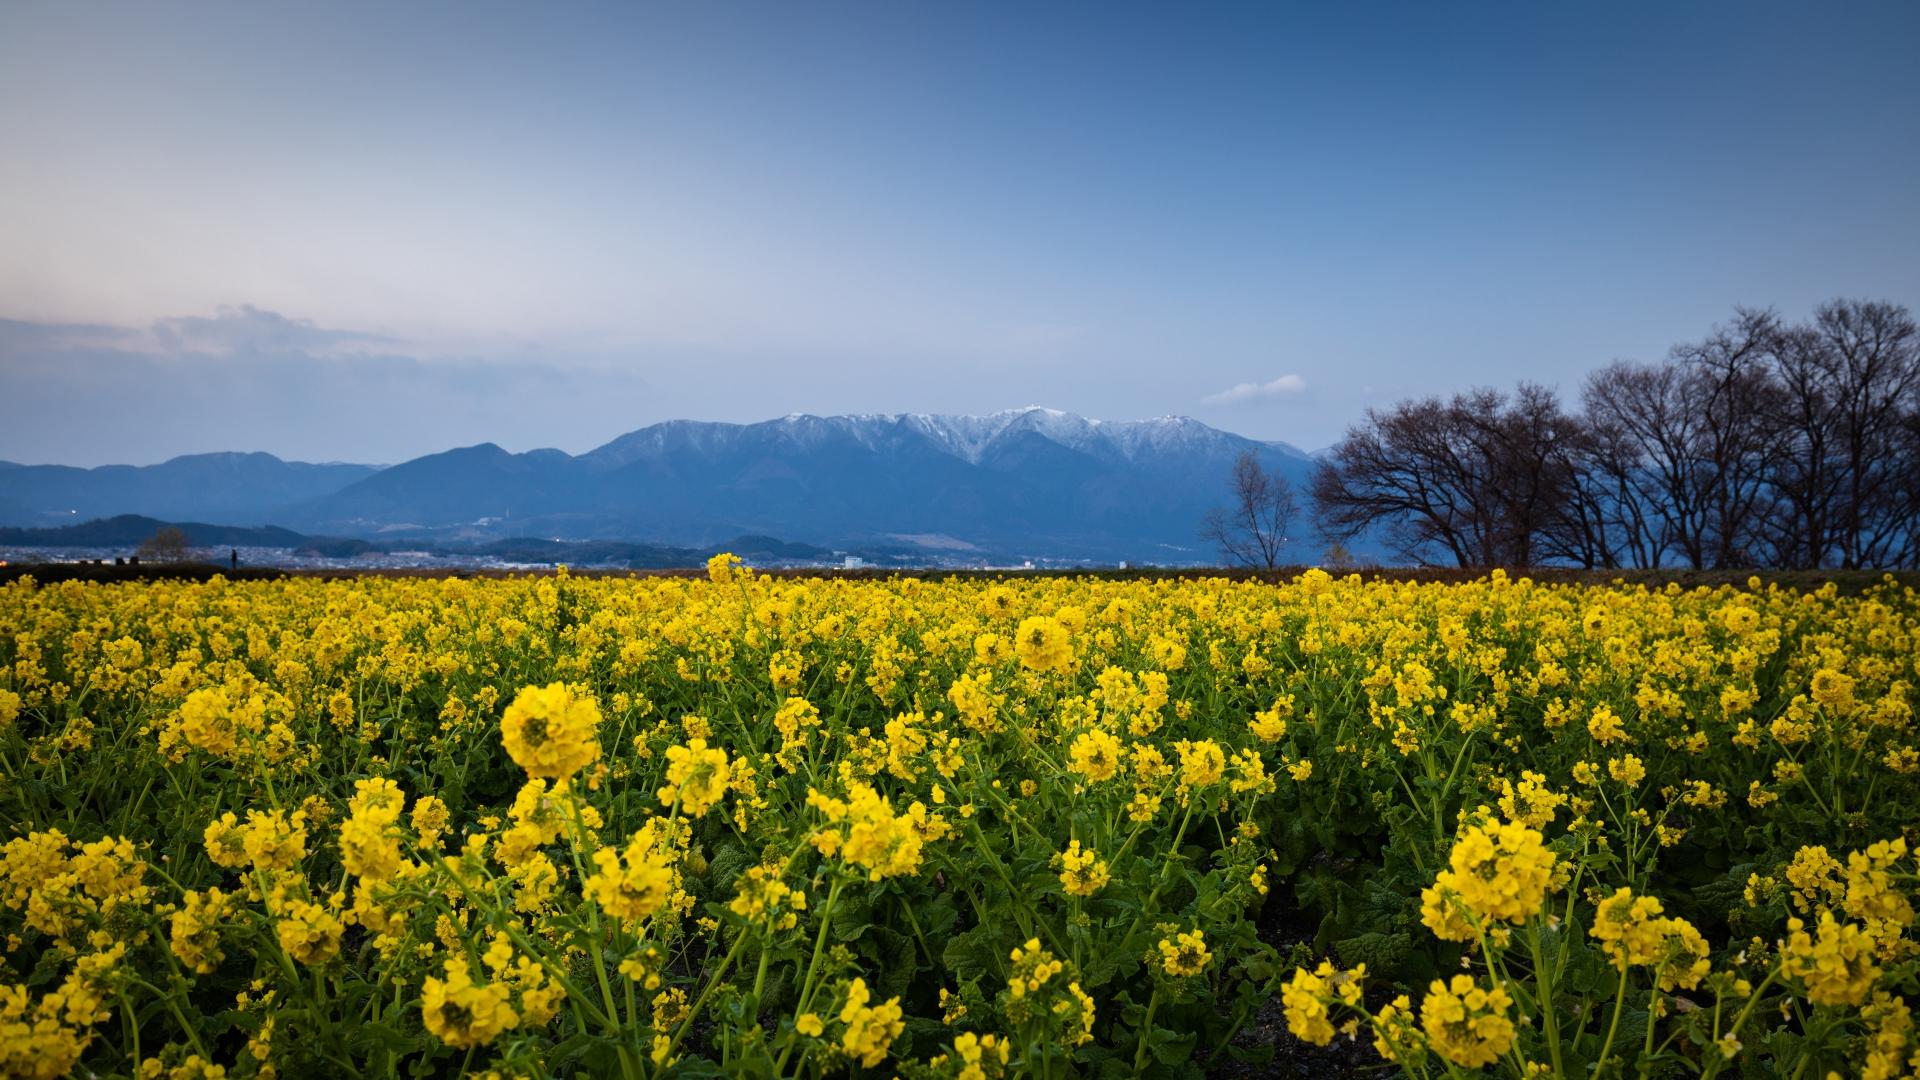 3915795_m 滋賀県  第一なぎさ公園(雪が残る比良山と約12000本の菜の花のコントラストが美しい冬におすすめの絶景スポット! 写真の紹介、アクセス情報や駐車場情報など)